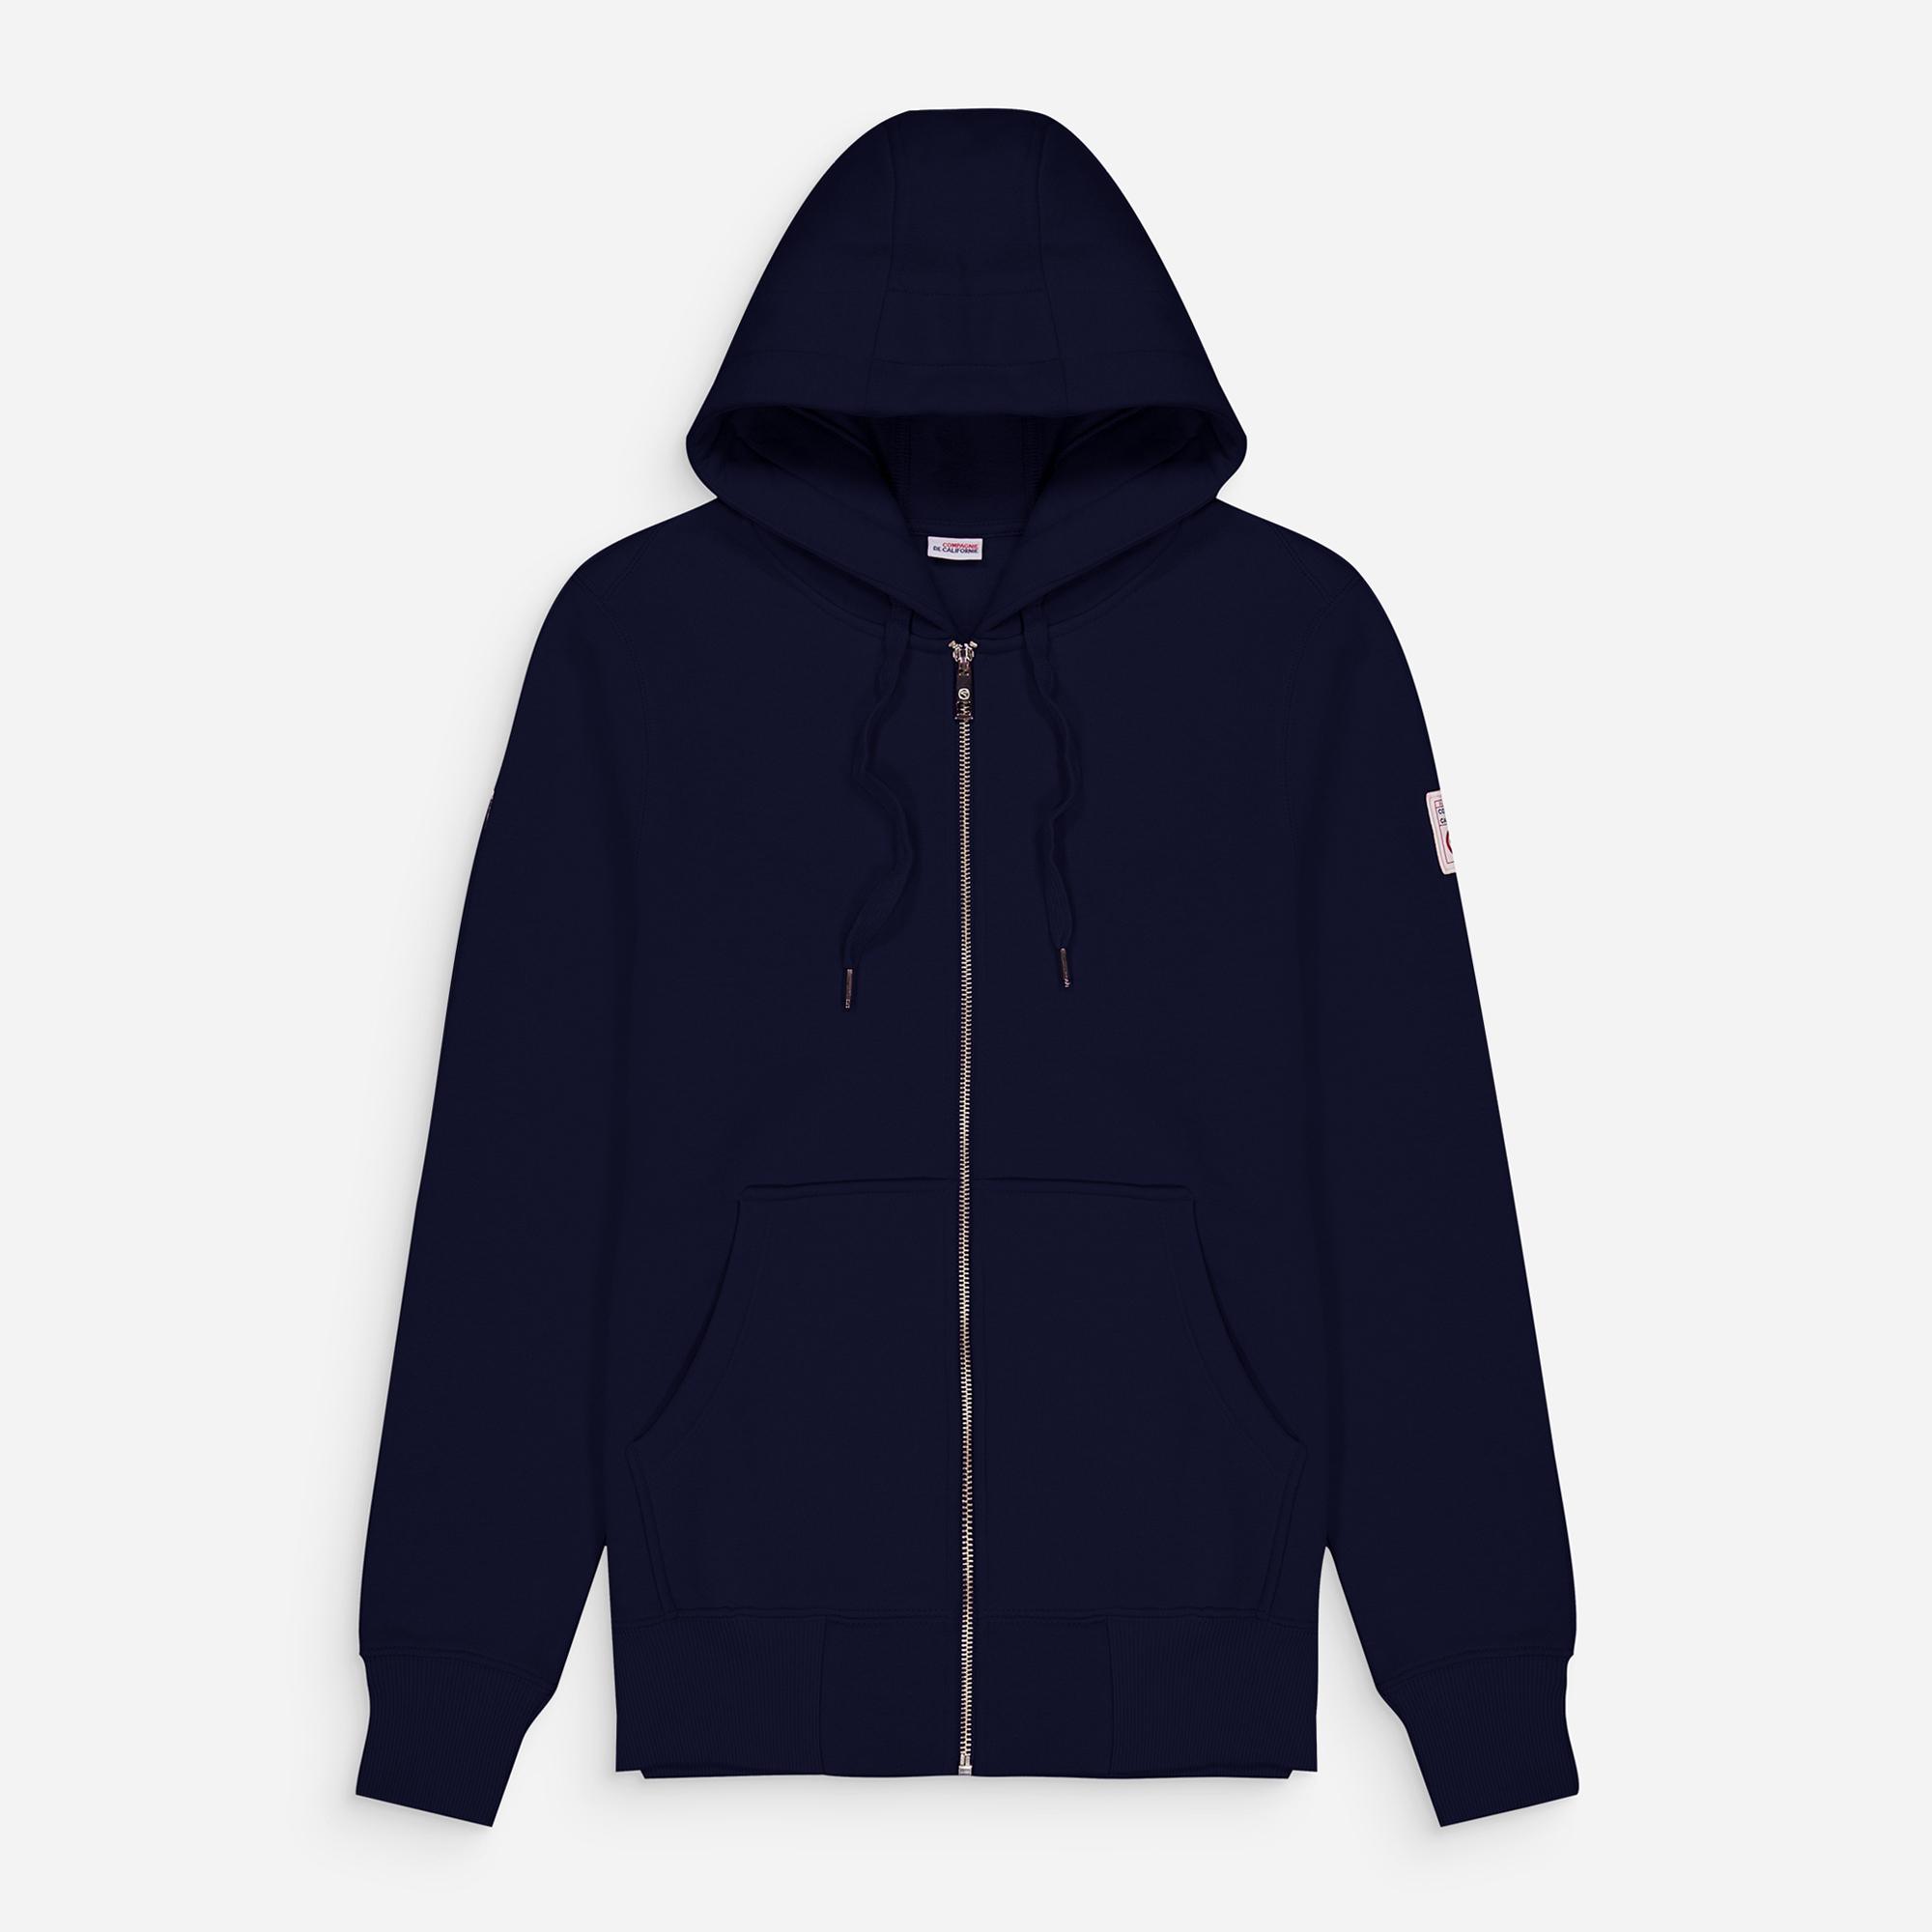 new cupertino hoodie zip navy 1